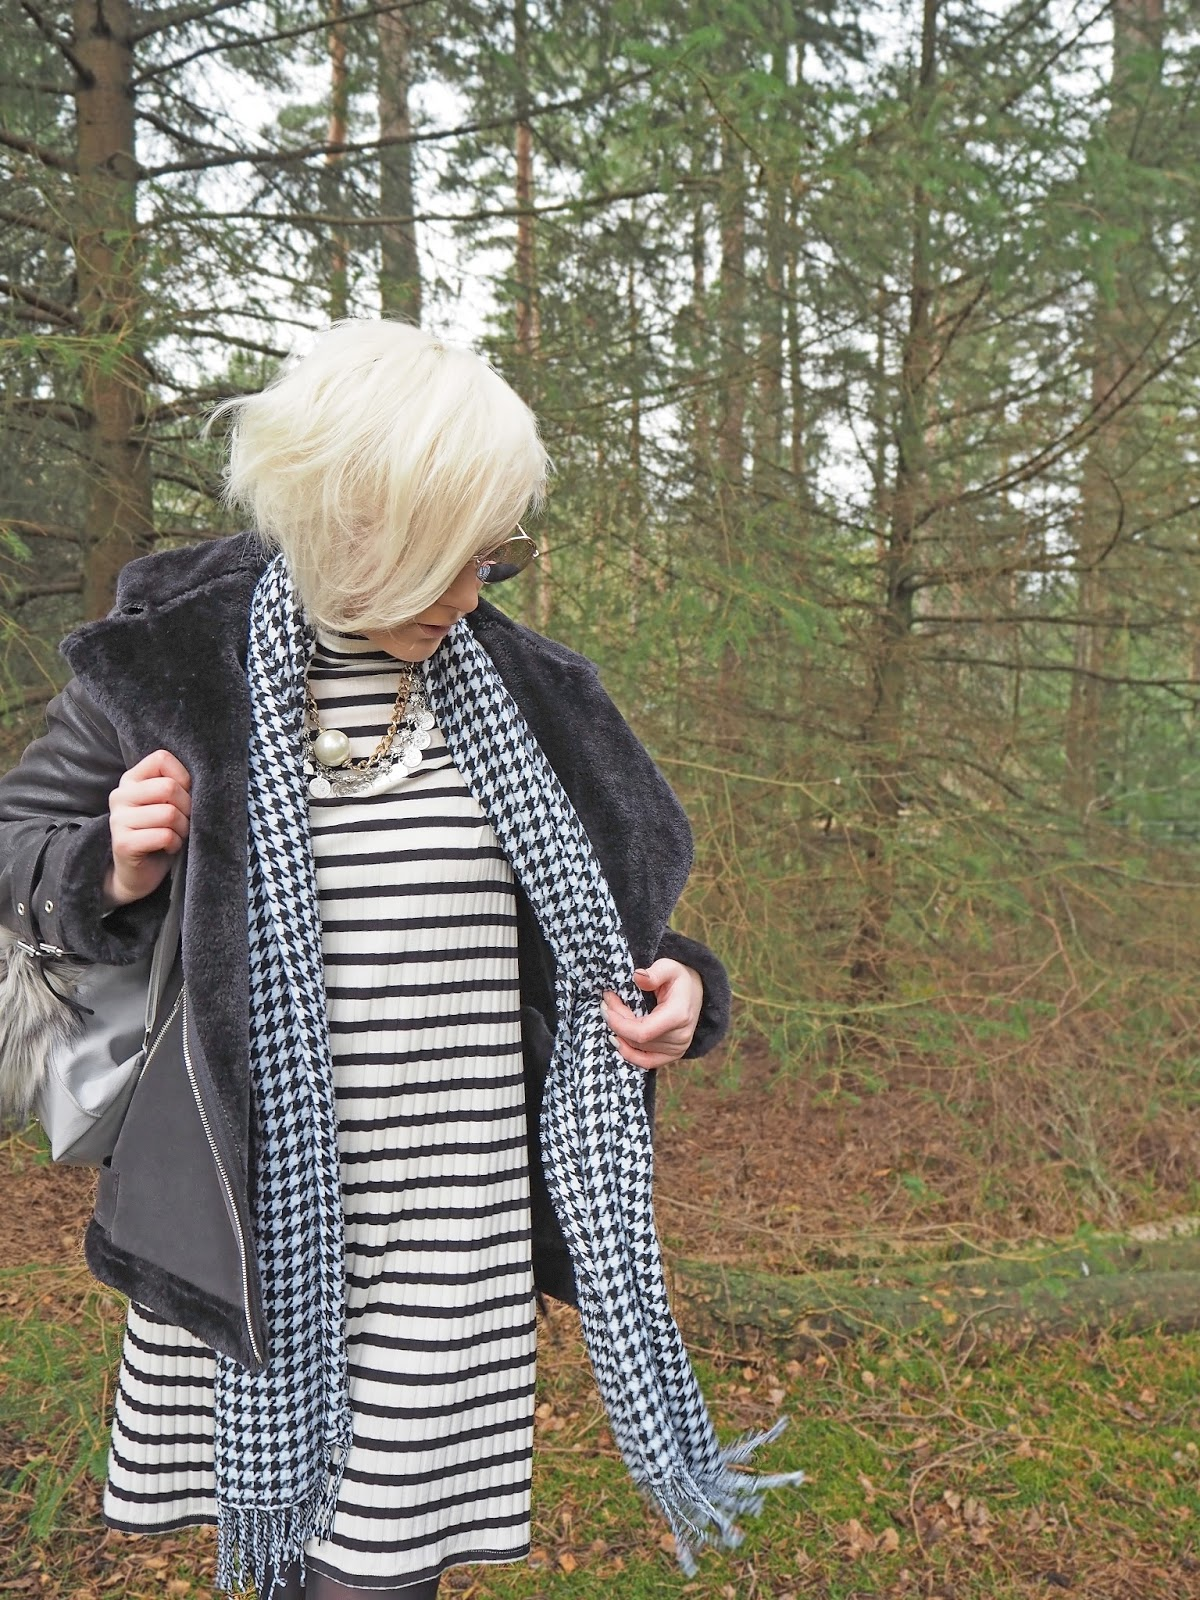 Fashion: Staple Stripes